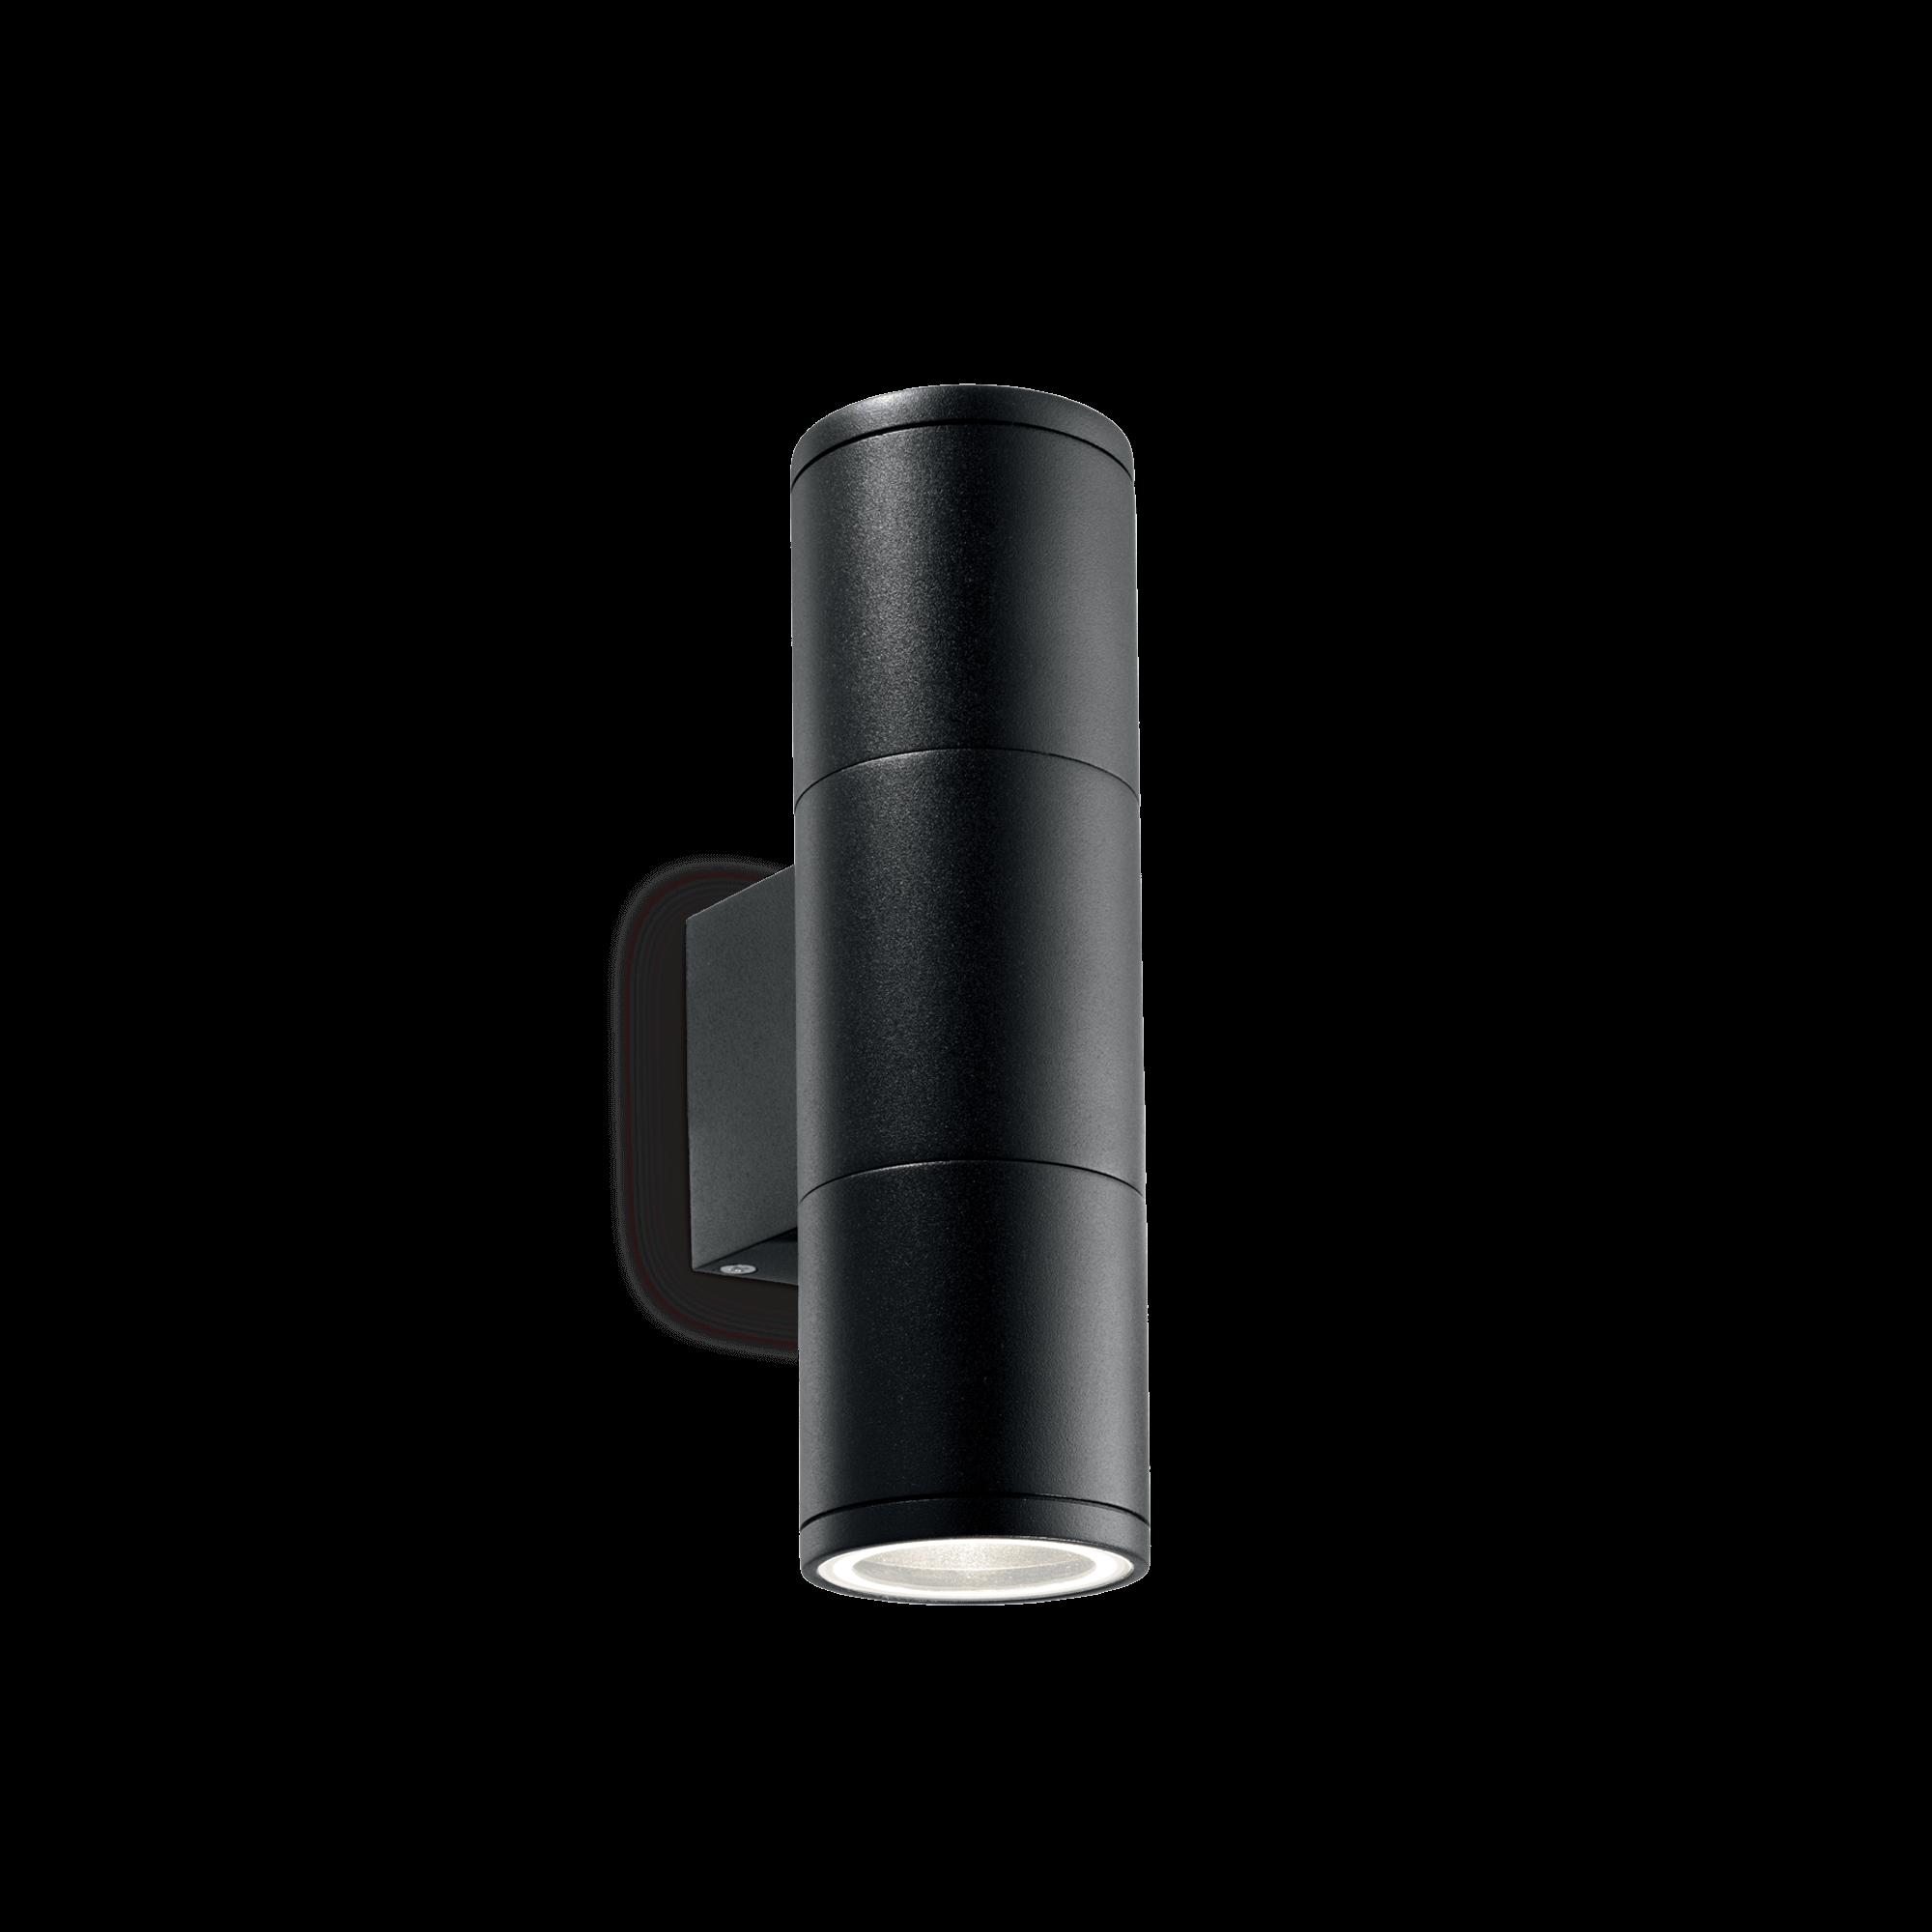 Ideal Lux 100395 Gun AP2 Small Nero kültéri falilámpa